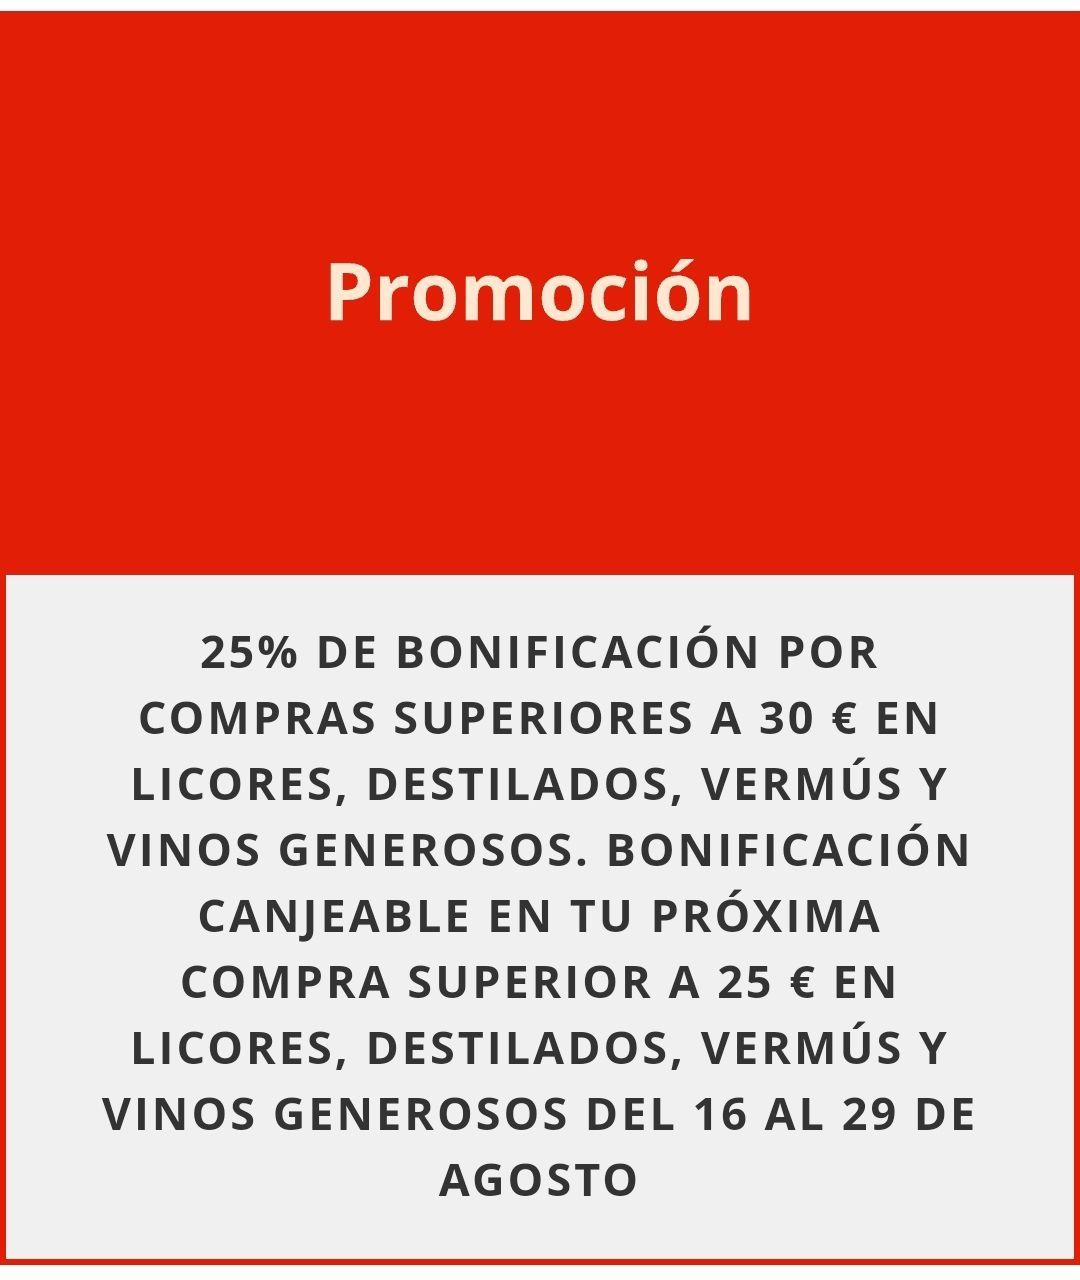 25% de bonificación acumulable en compras superiores a 30€